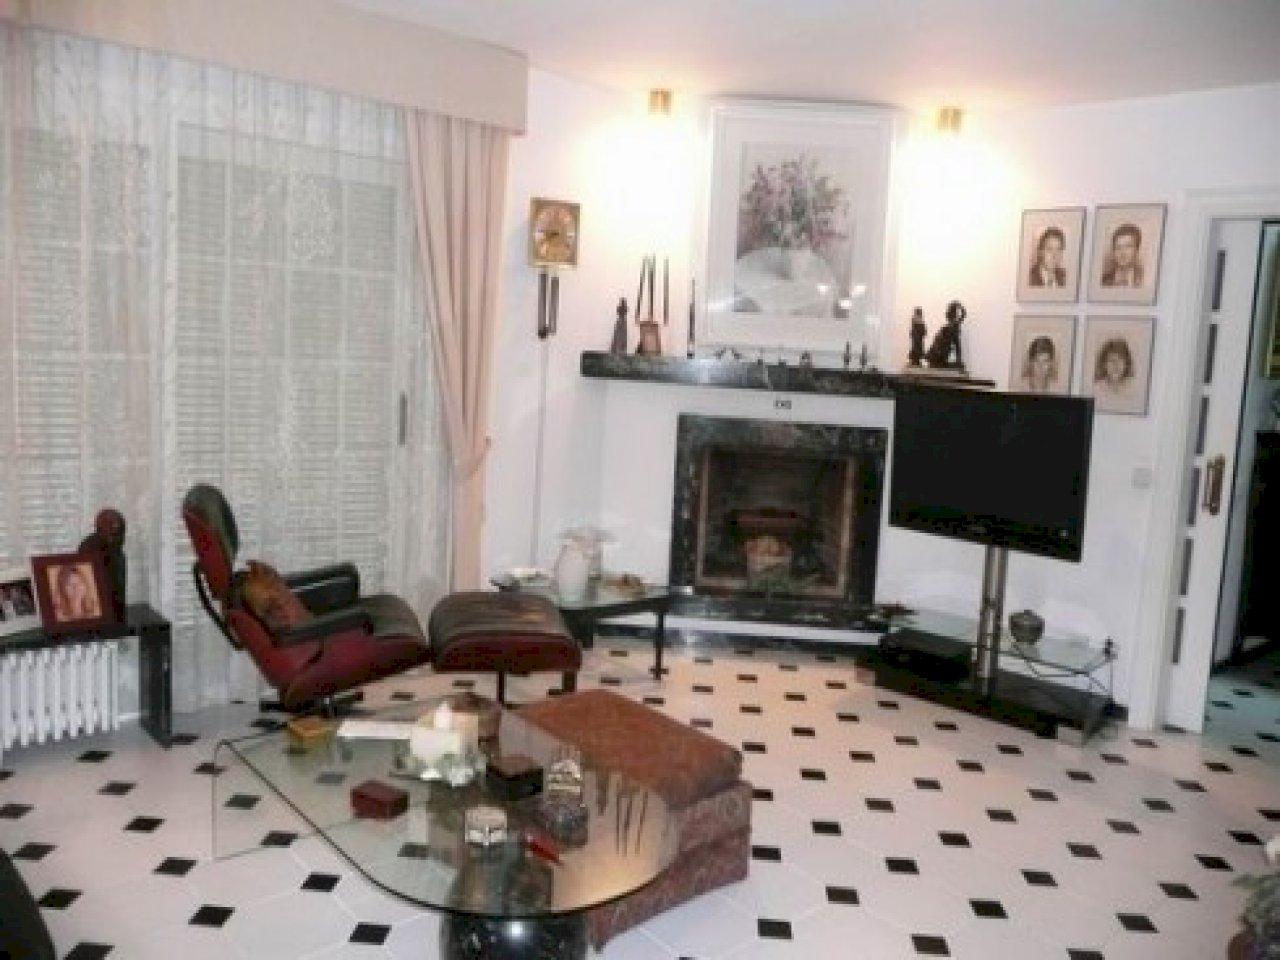 Дом площадью 520 м2 в в тихом районе в Кабрильсе | 6766-8-jpg